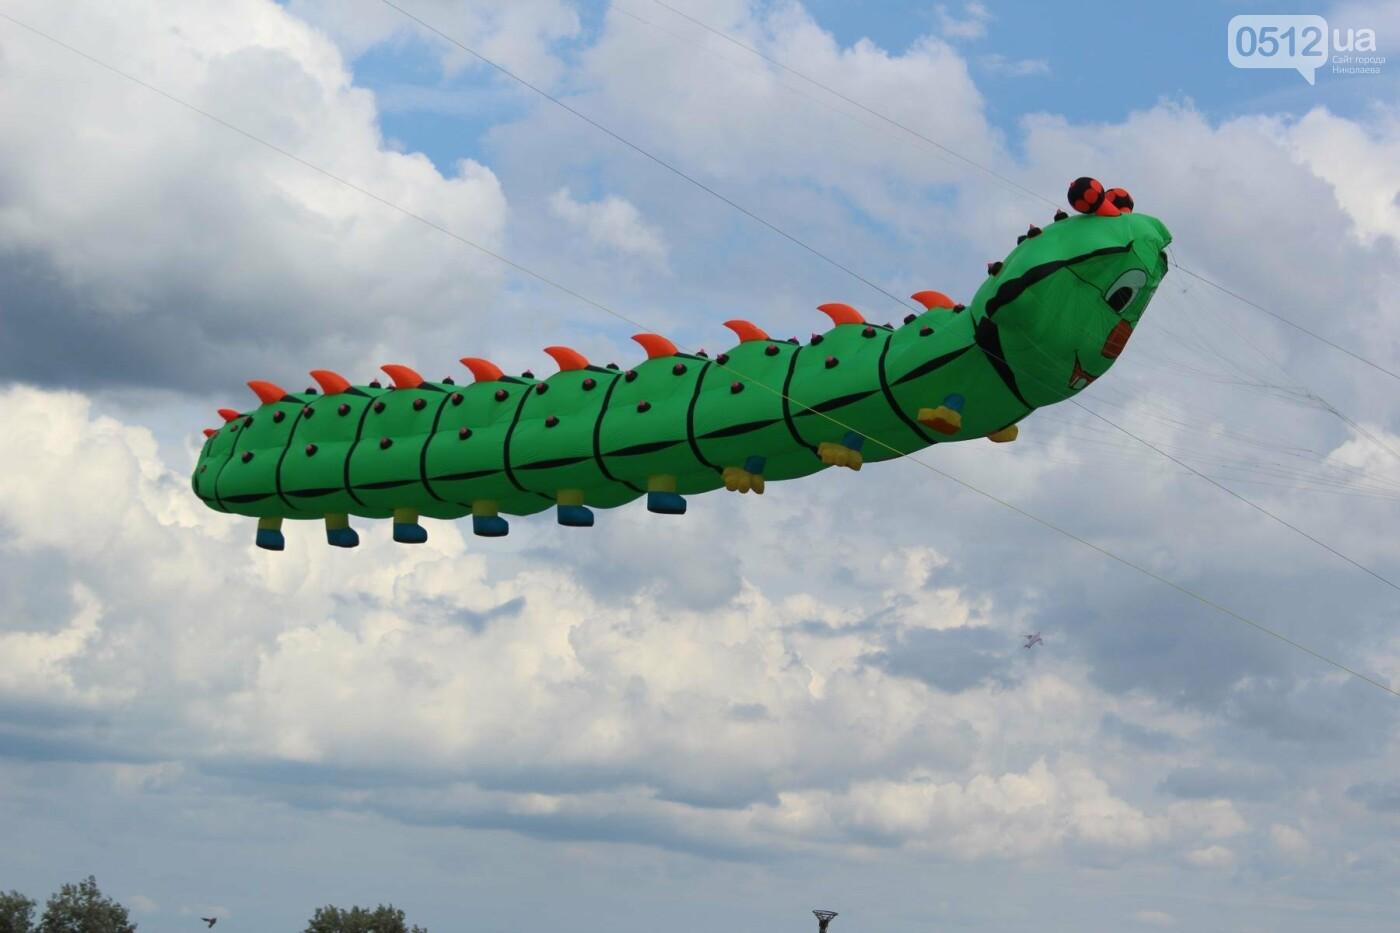 """""""Одно небо - один мир"""": в Николаеве прошел второй международный фестиваль воздушных змеев, - ФОТОРЕПОРТАЖ, фото-3"""